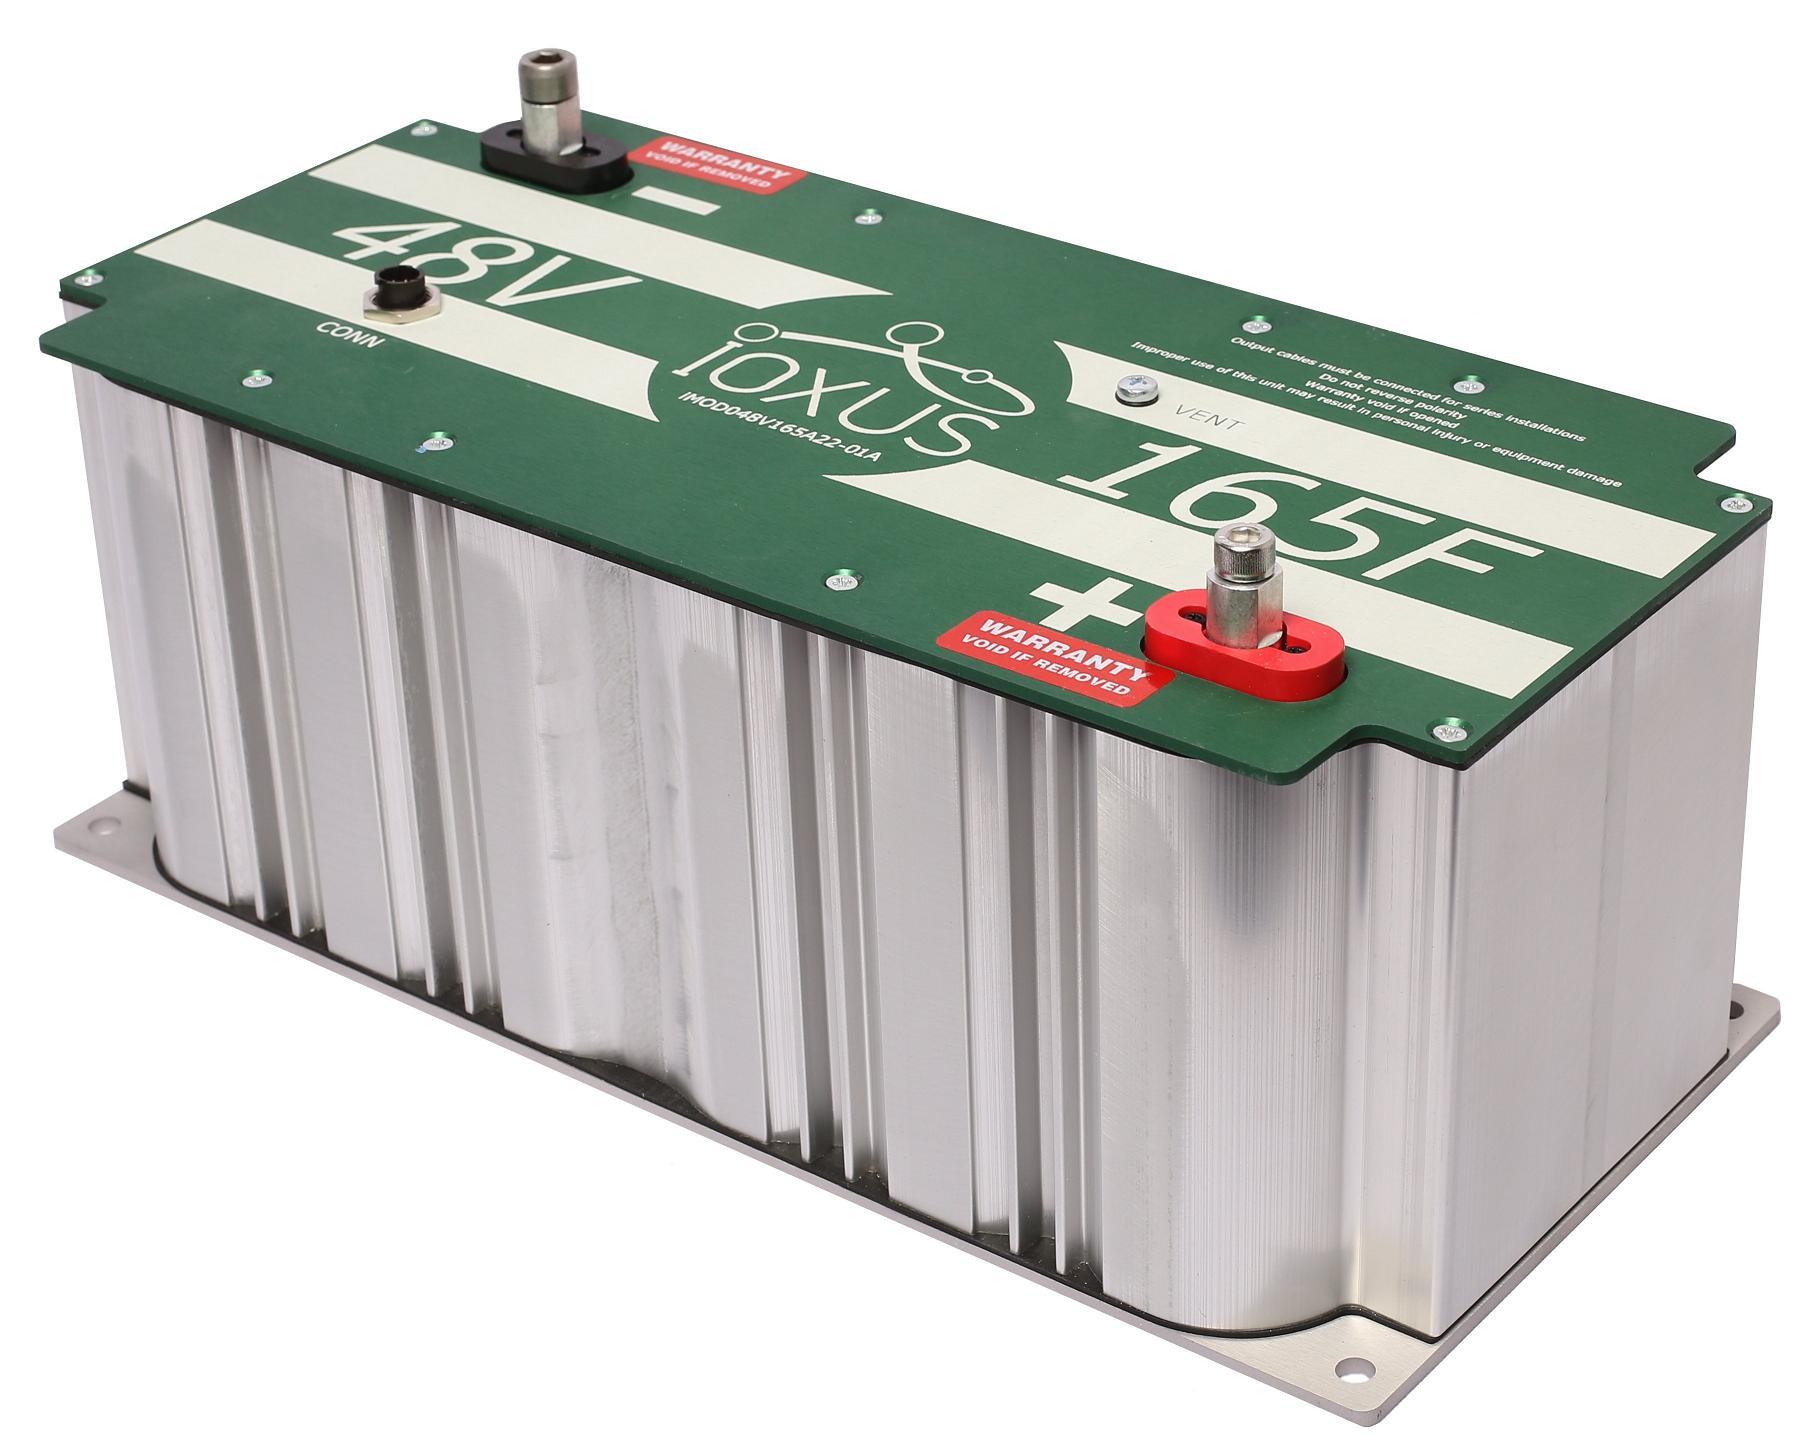 iMOD48V165 ultracapacitor